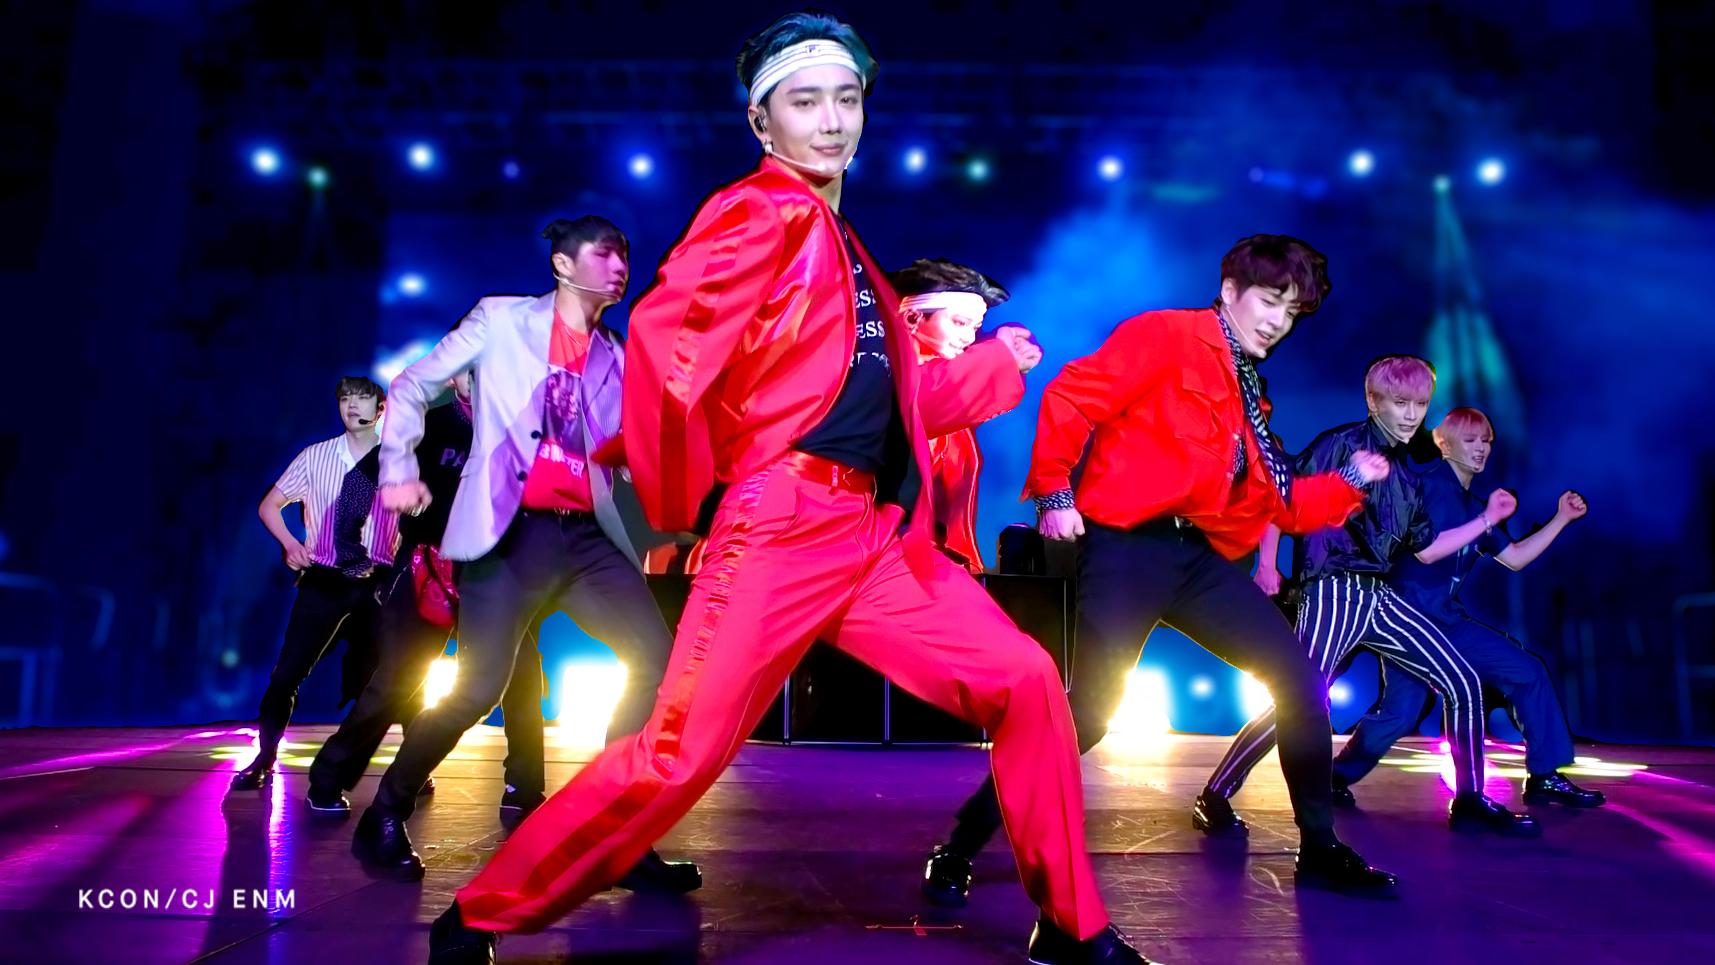 The key factors behind K-pop's global success — Quartzy